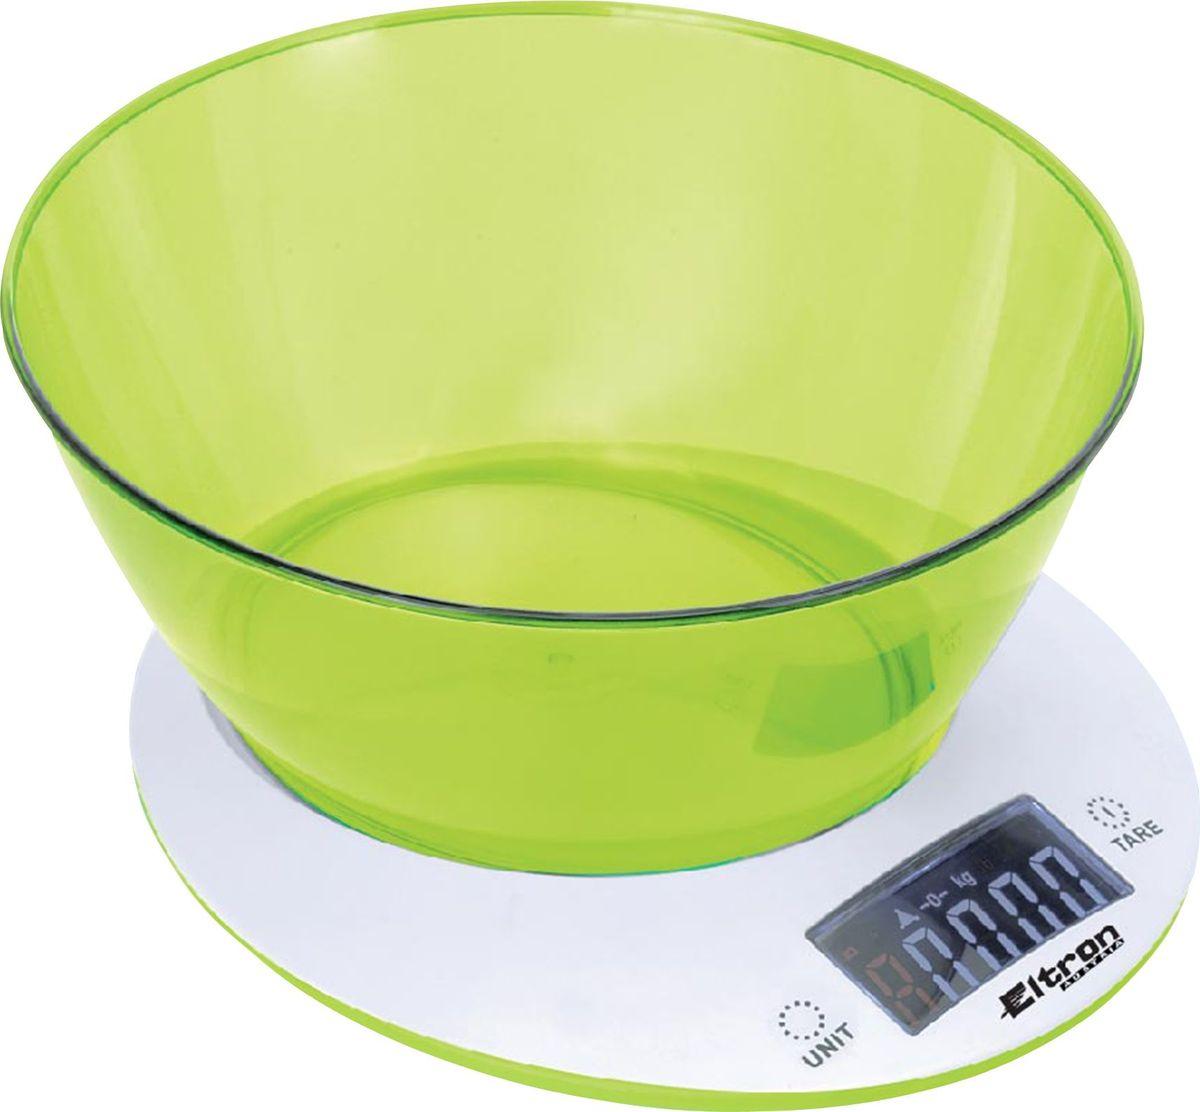 Весы кухонные Eltron, электронные, цвет: белый, до 5 кг. 9264EL весы eltron el 9219